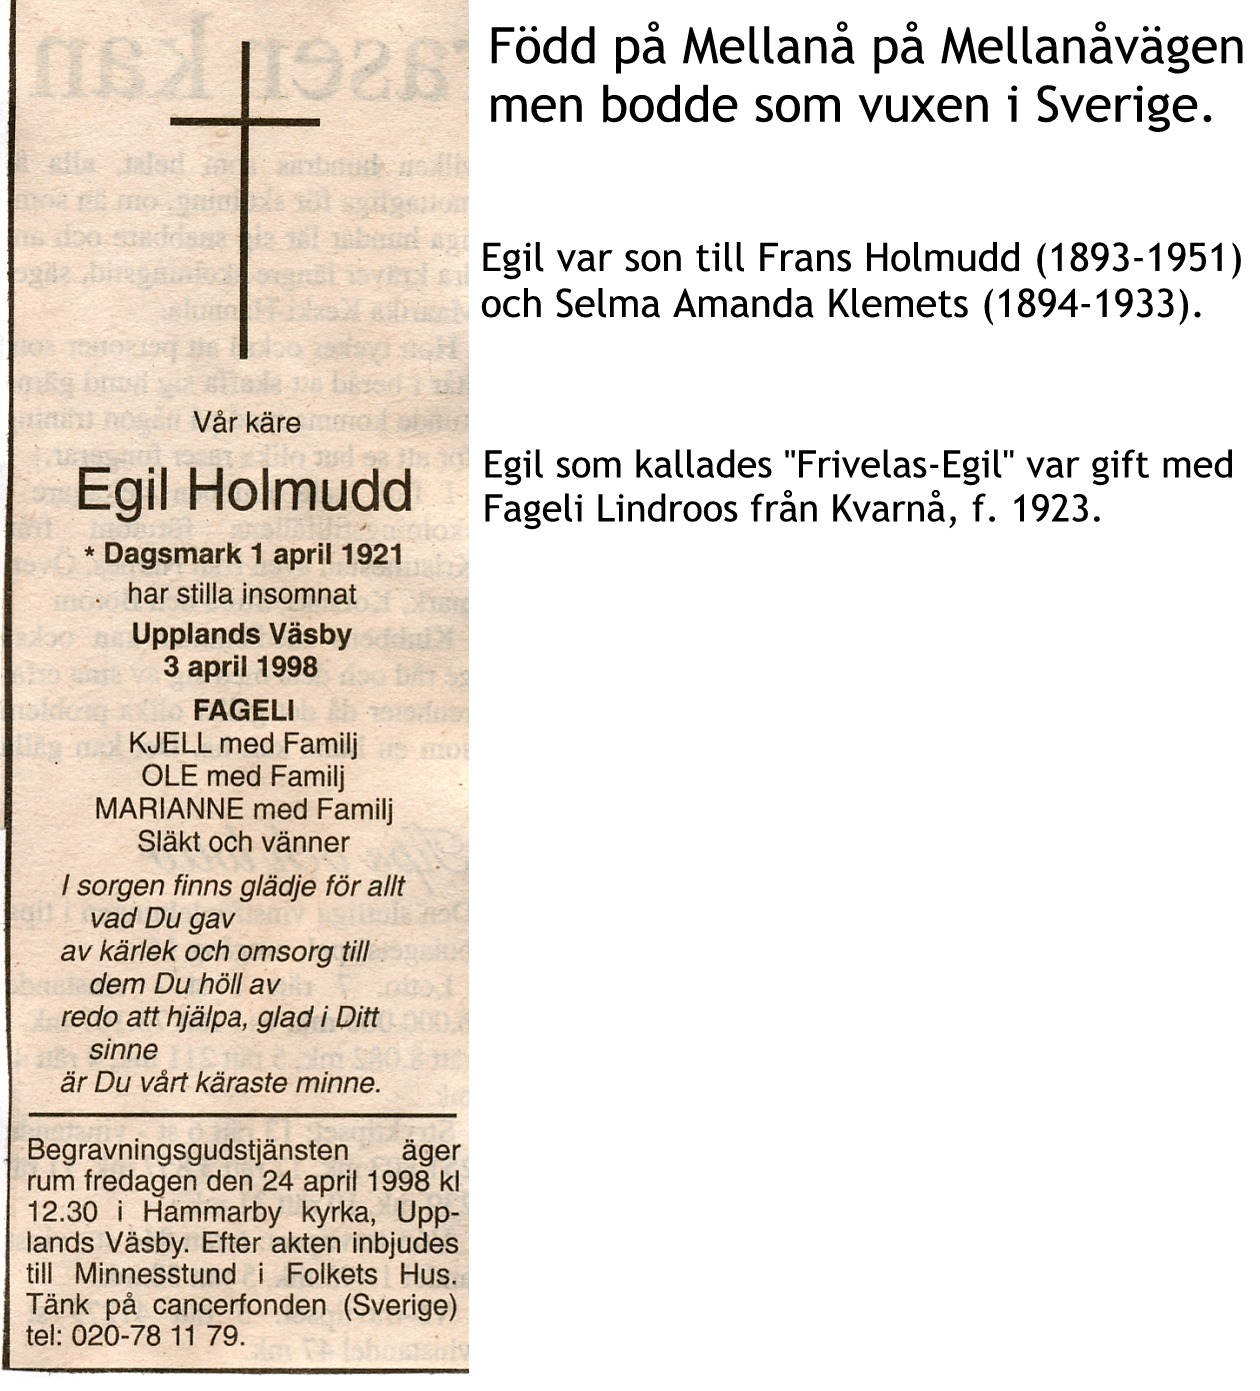 Holmudd Egil